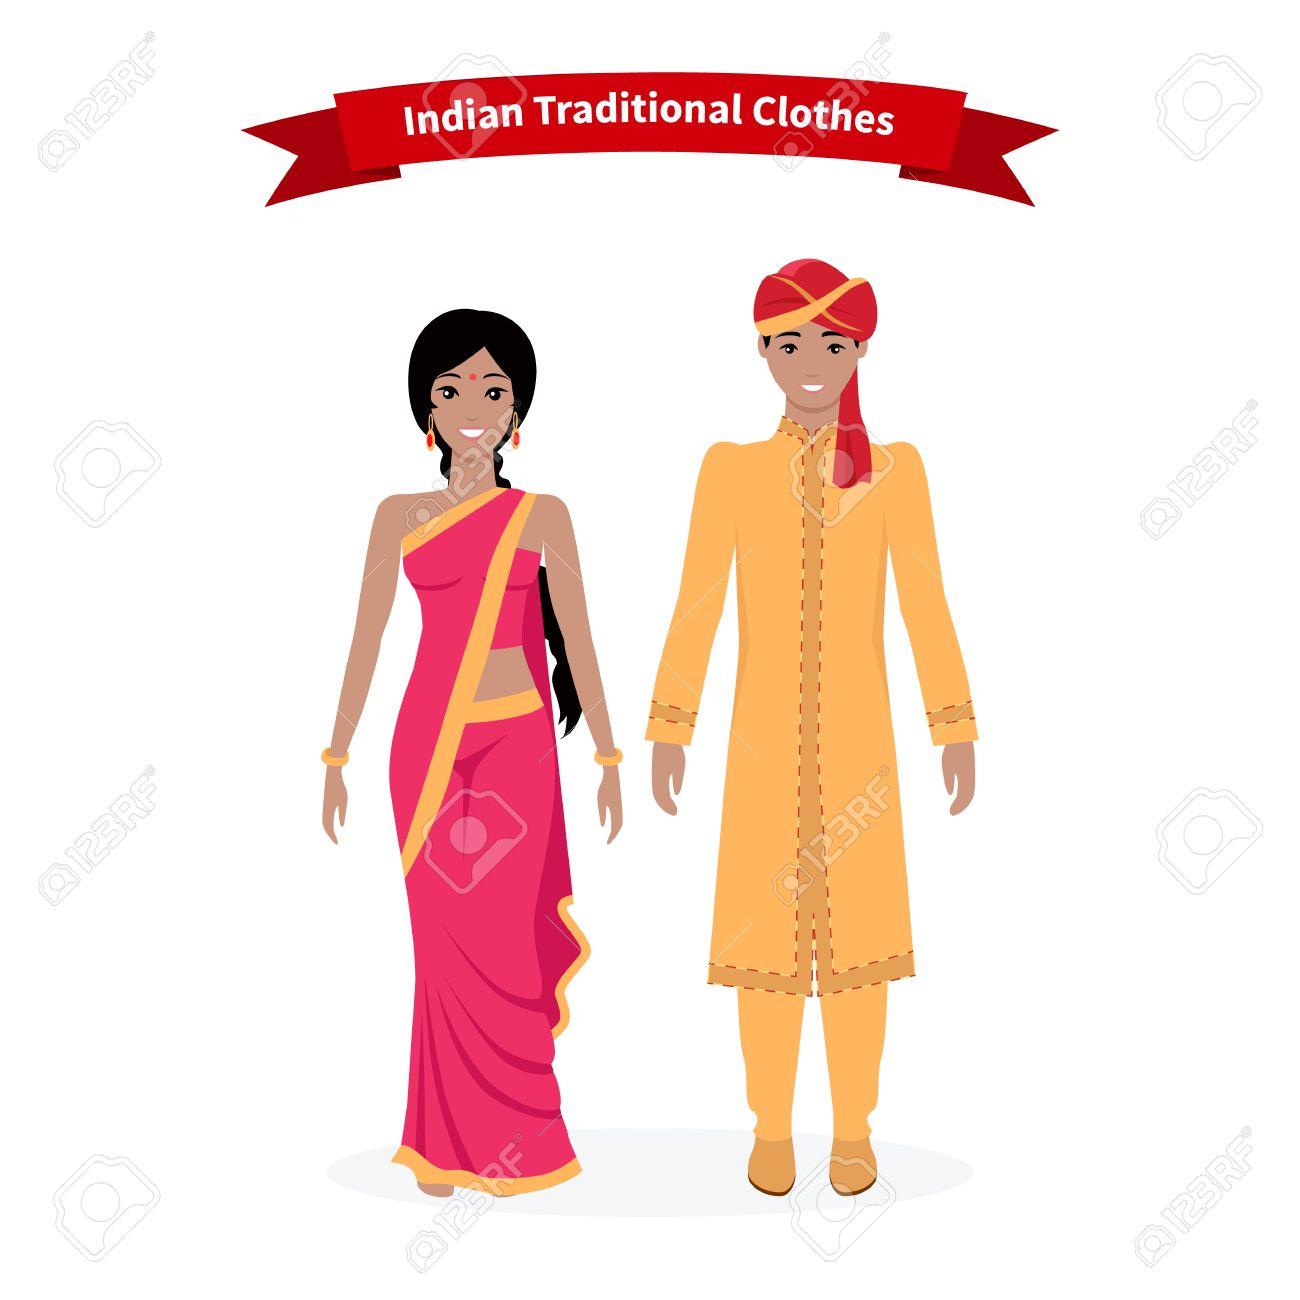 Indian traditional clothes people. Indian sari, indian dress,...